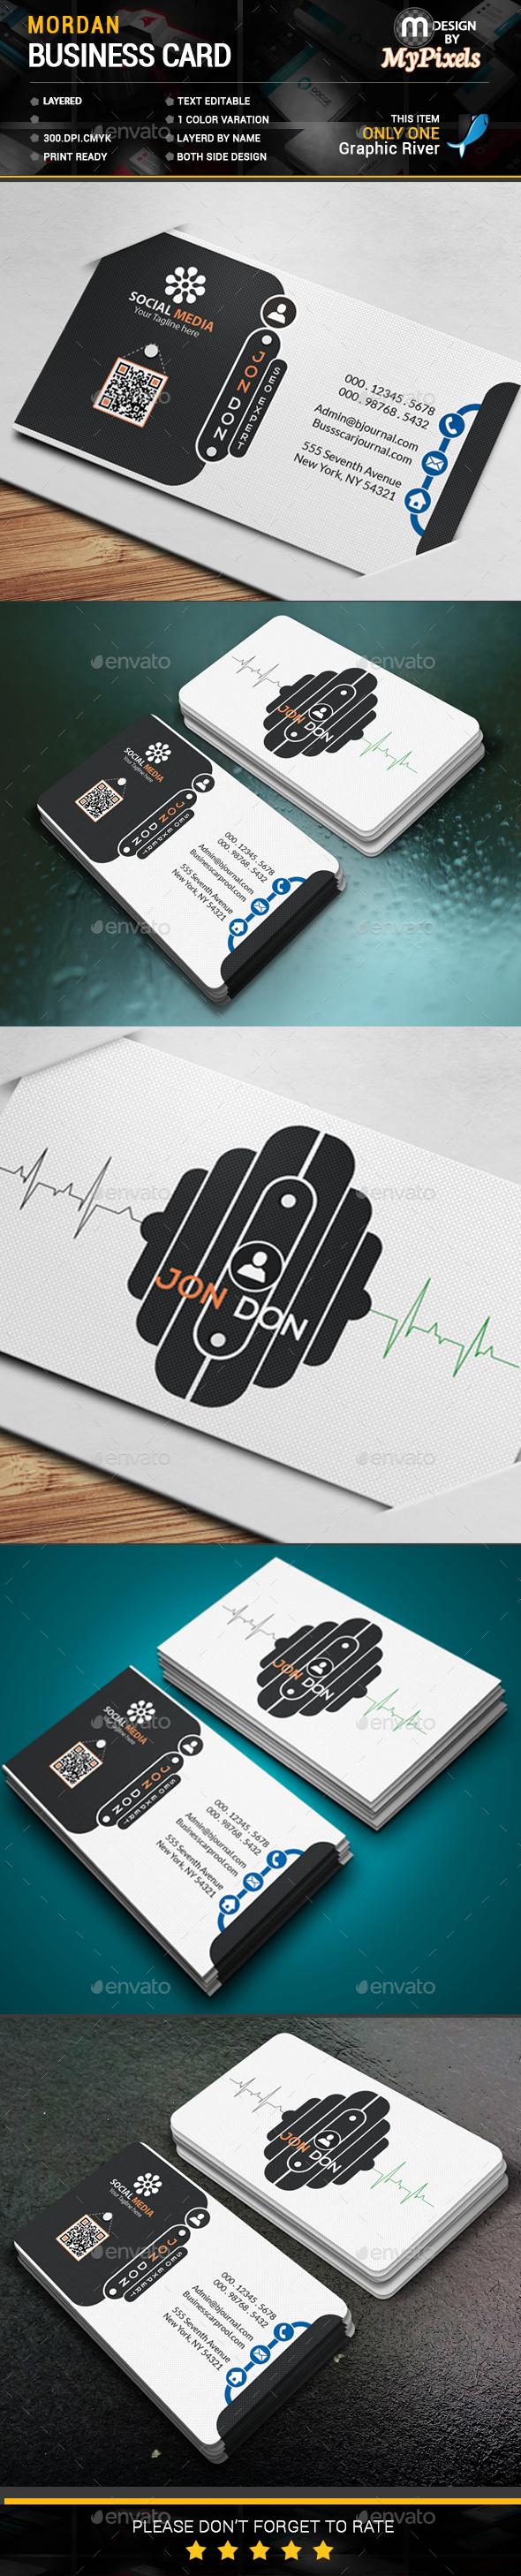 Mordan Business Card - Business Cards Print Templates